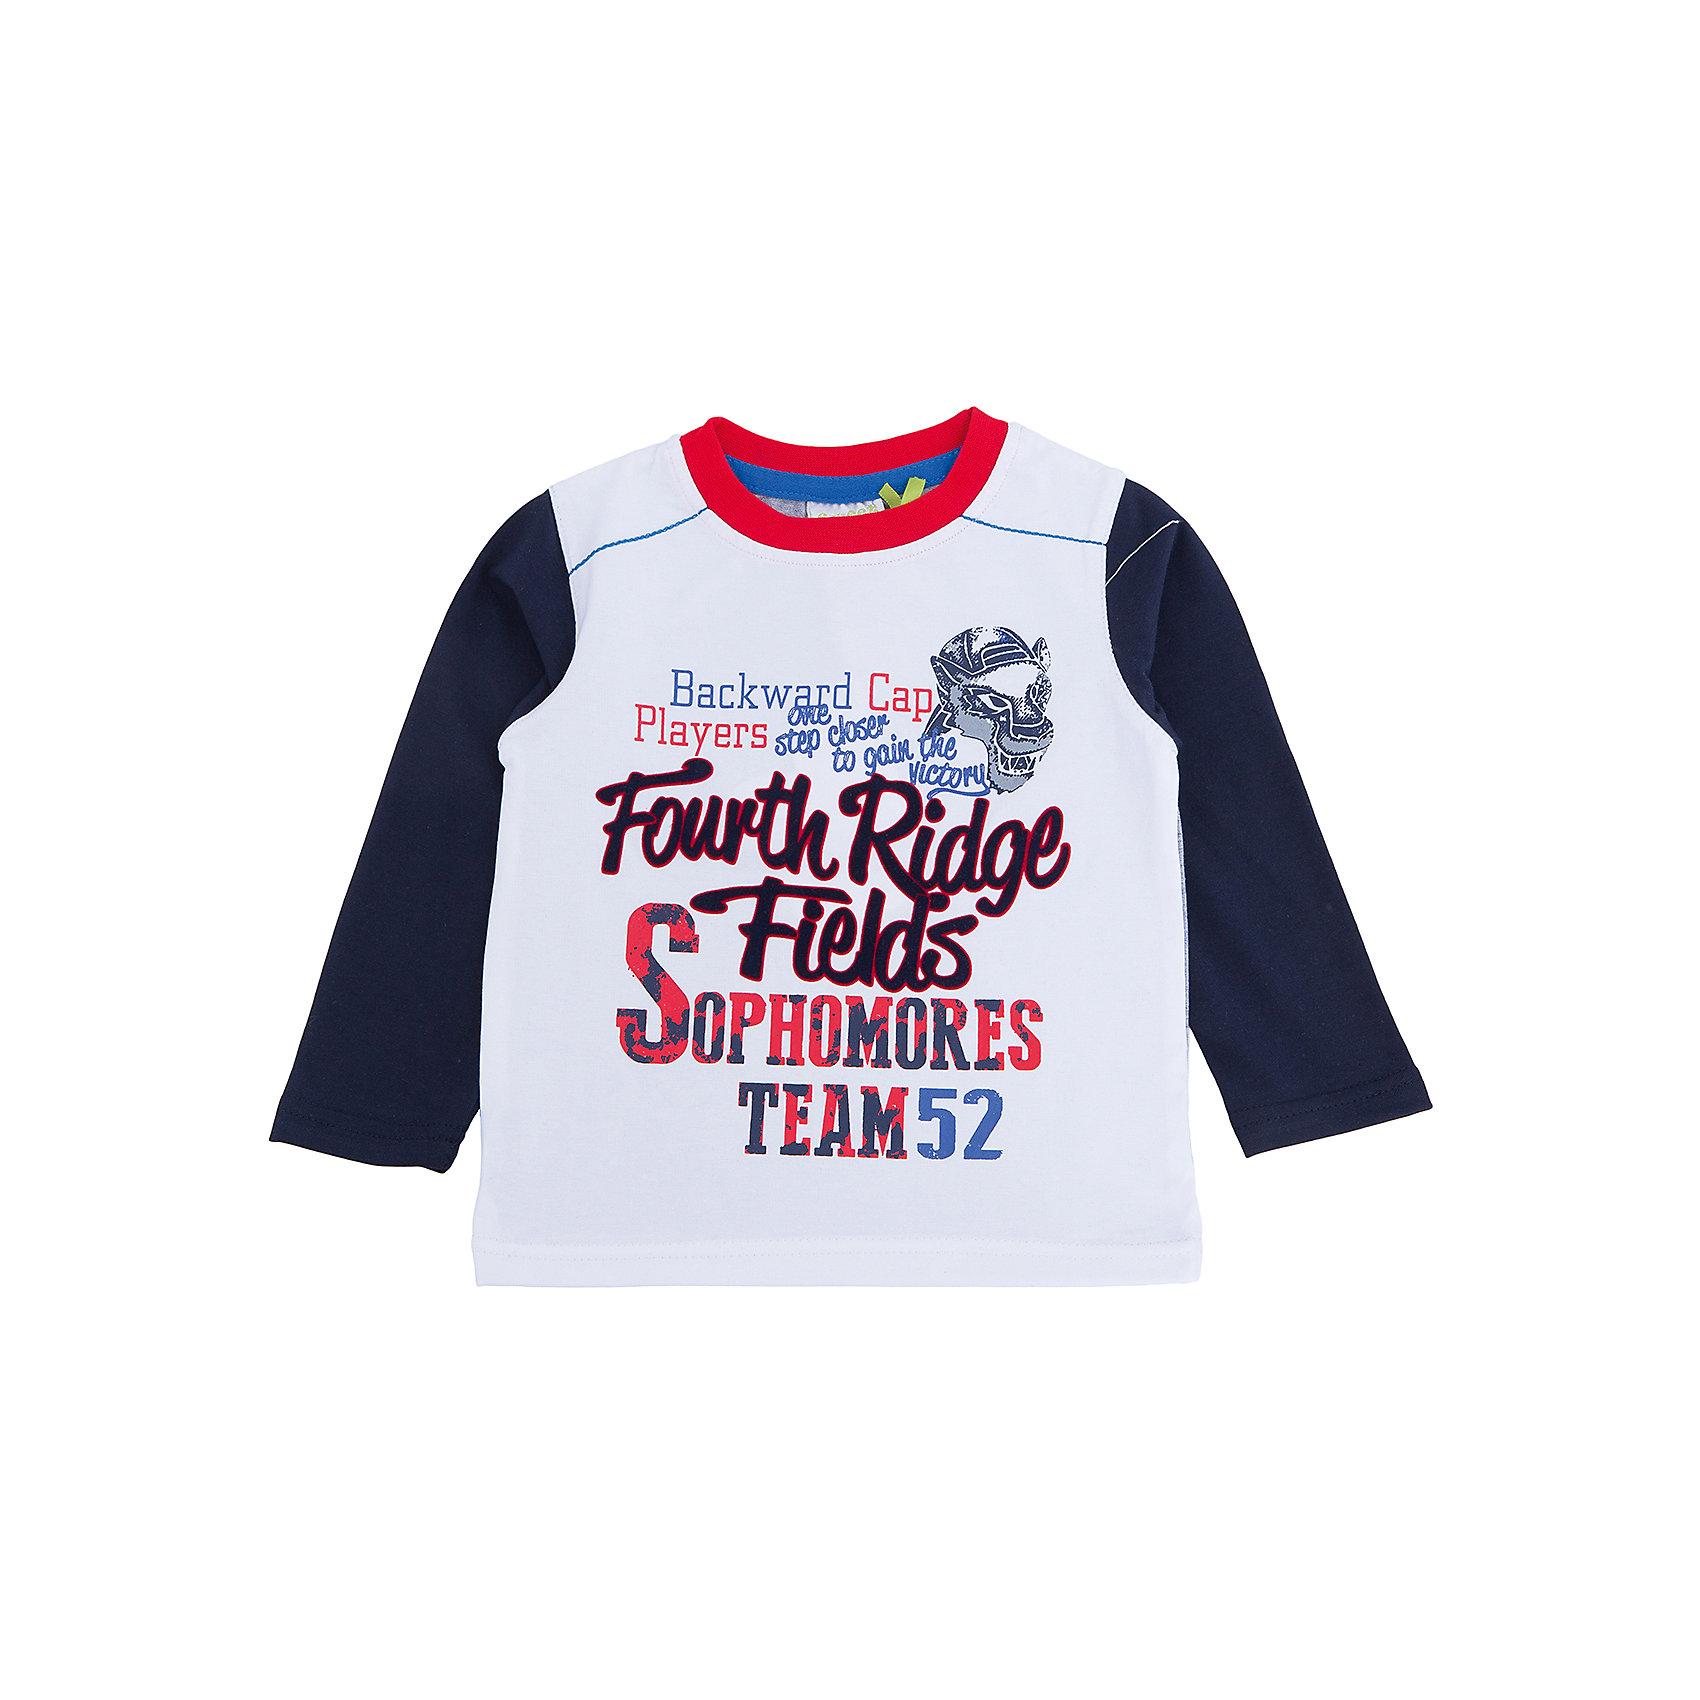 Футболка с длинным рукавом для мальчика Sweet BerryТакая футболка с длинным рукавом для мальчика отличается модным дизайном с ярким принтом. Удачный крой обеспечит ребенку комфорт и тепло. Горловина изделия обработана мягкой резинкой, поэтому вещь плотно прилегает к телу там, где нужно, и отлично сидит по фигуре.<br>Одежда от бренда Sweet Berry - это простой и выгодный способ одеть ребенка удобно и стильно. Всё изделия тщательно проработаны: швы - прочные, материал - качественный, фурнитура - подобранная специально для детей. <br><br>Дополнительная информация:<br><br>цвет: белый;<br>материал: 95% хлопок, 5% эластан;<br>декорирована принтом.<br><br>Футболку с длинным рукавом для мальчика от бренда Sweet Berry можно купить в нашем интернет-магазине.<br><br>Ширина мм: 230<br>Глубина мм: 40<br>Высота мм: 220<br>Вес г: 250<br>Цвет: белый<br>Возраст от месяцев: 12<br>Возраст до месяцев: 15<br>Пол: Мужской<br>Возраст: Детский<br>Размер: 80,98,92,86<br>SKU: 4929972